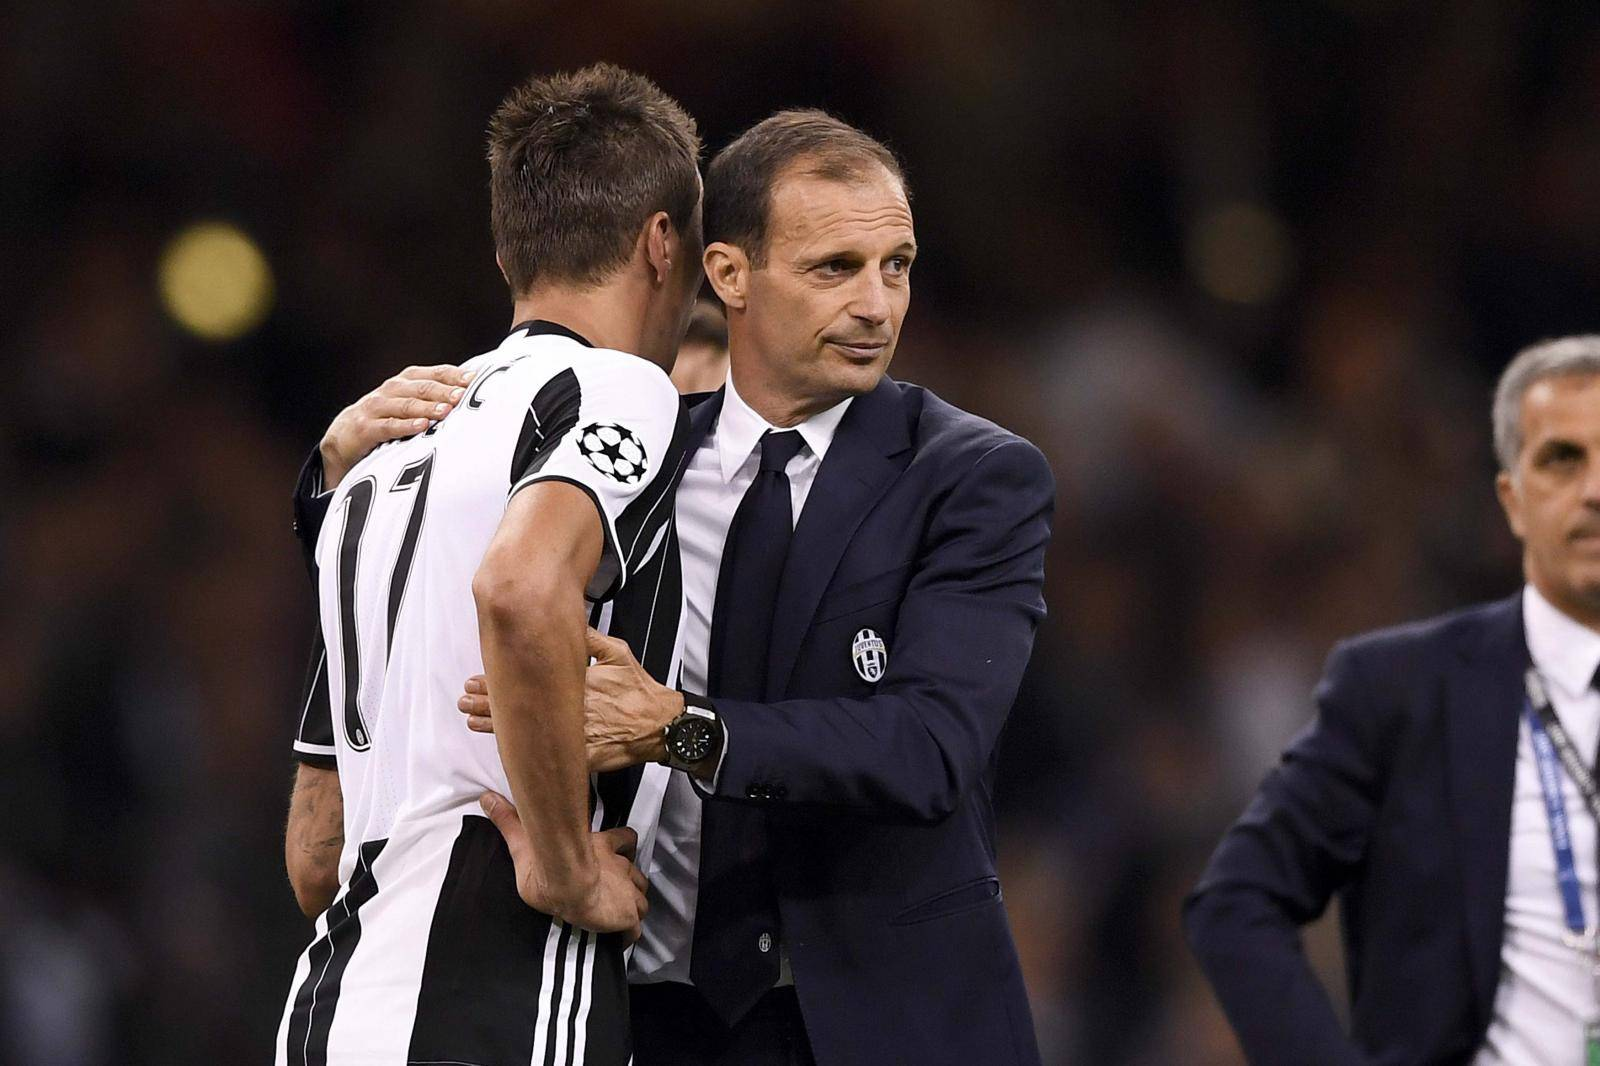 ENG, UEFA CL, Juventus Turin vs Real Madrid